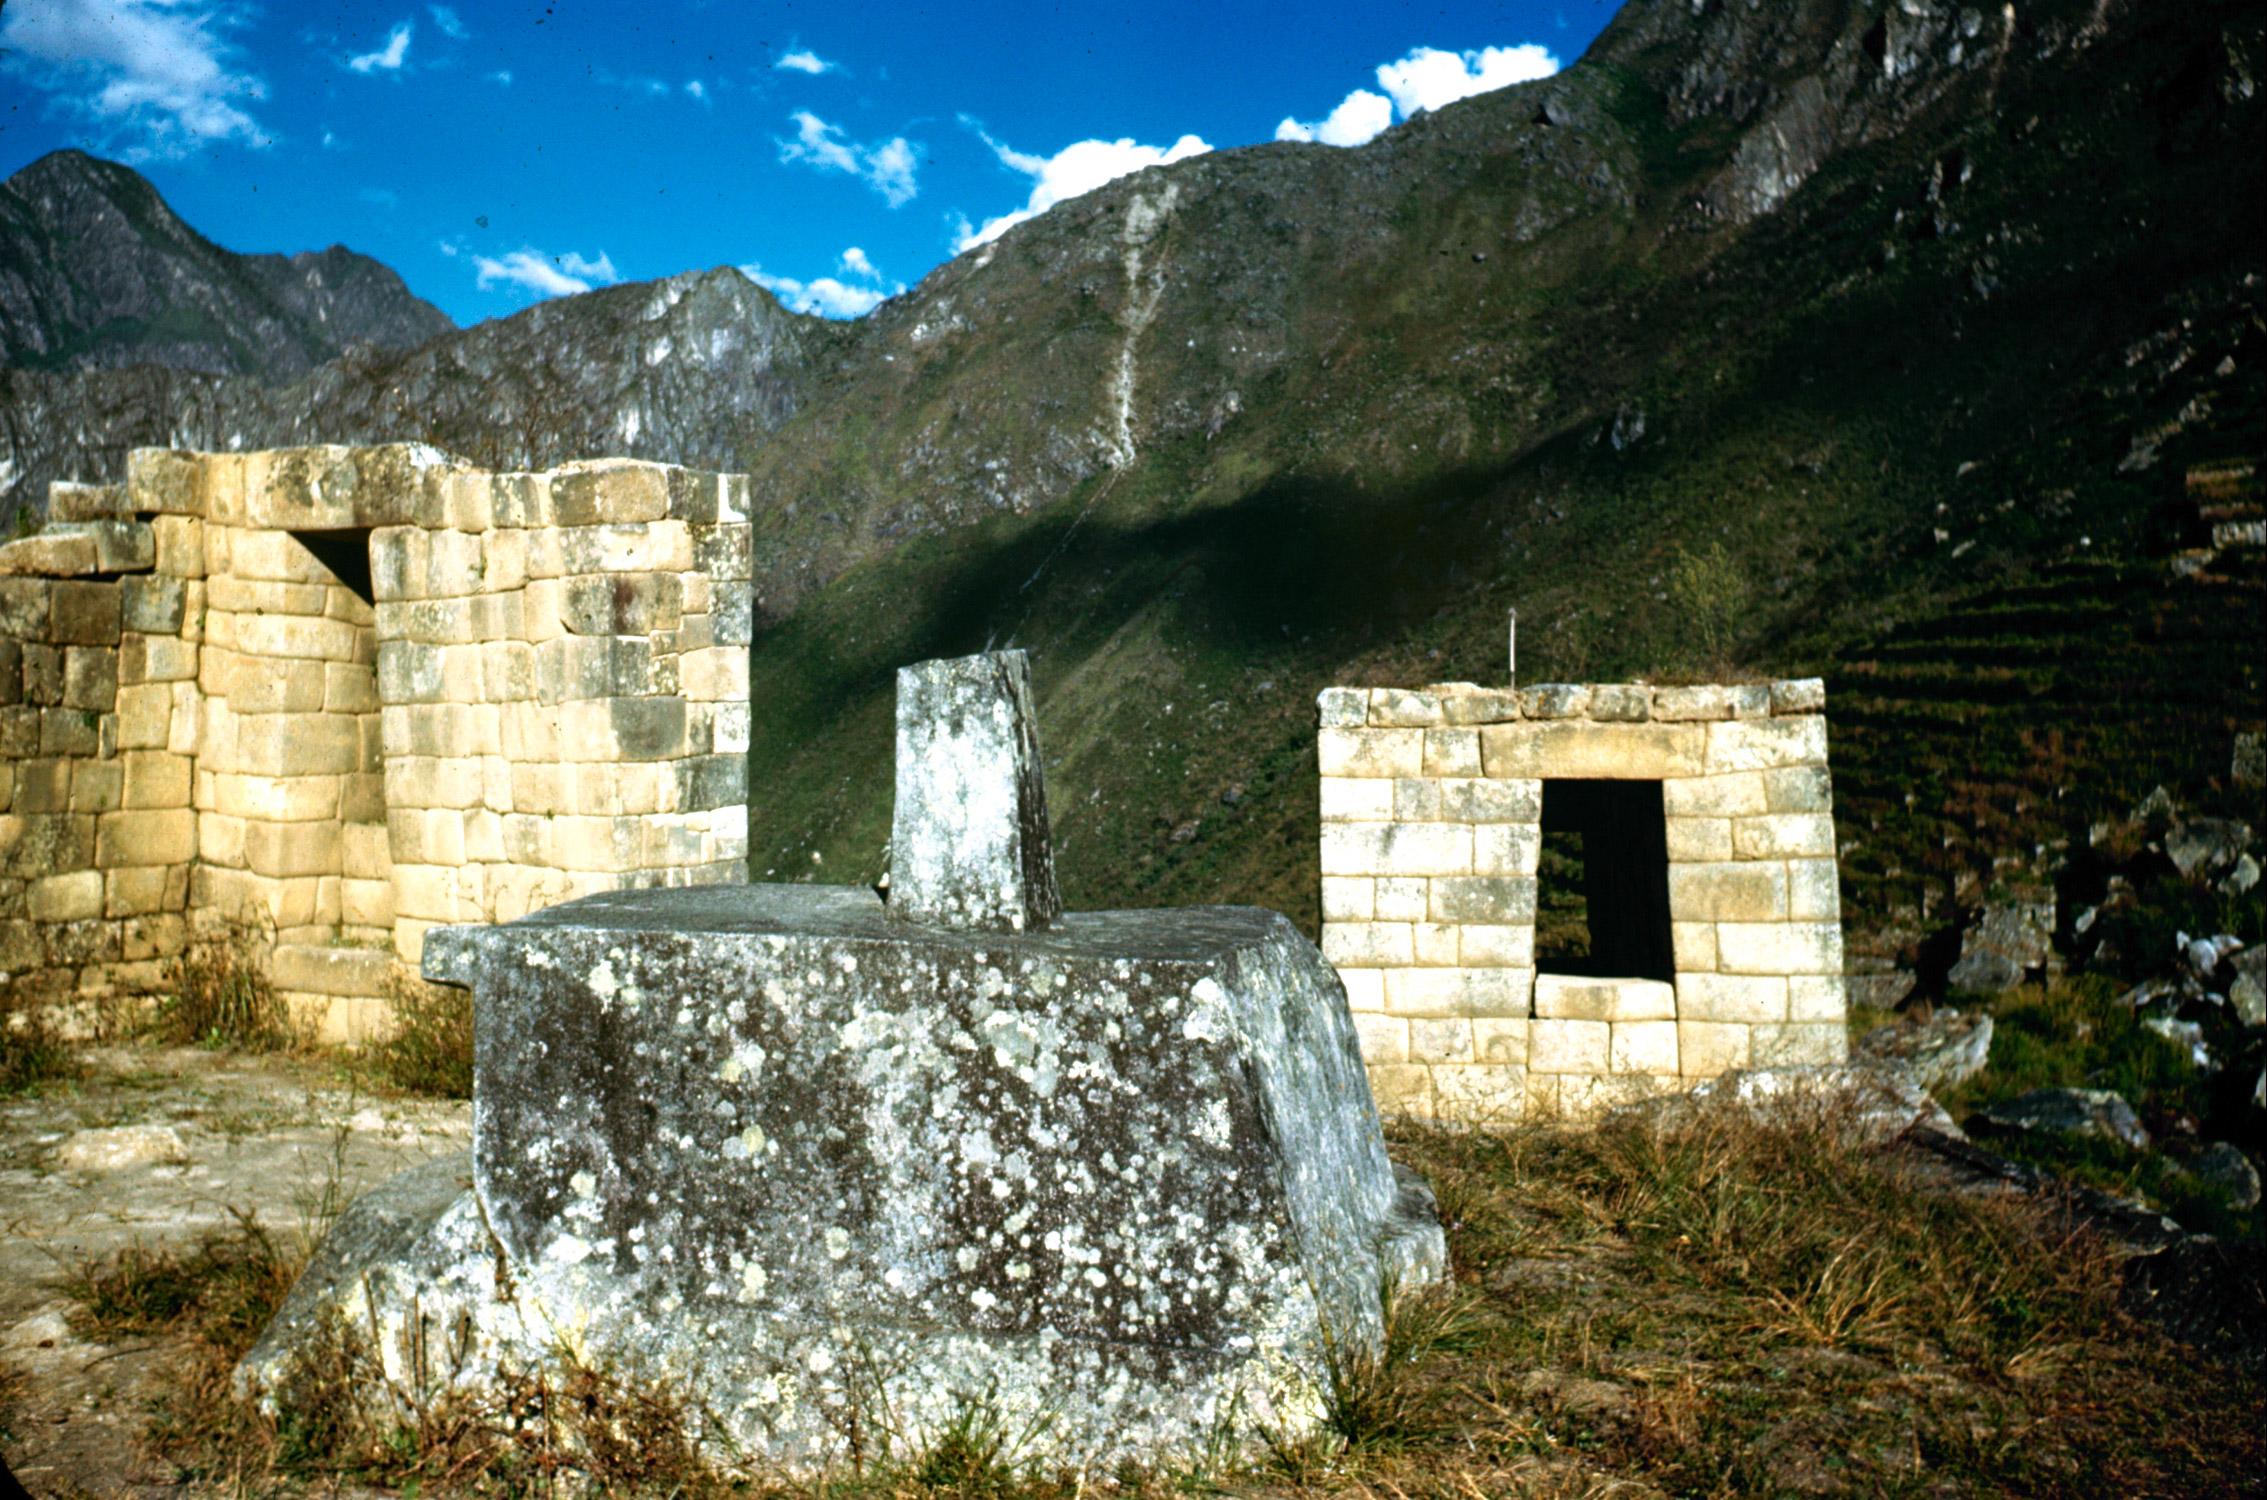 The Inca Ruins of Machu Picchu in Peru, 1945.